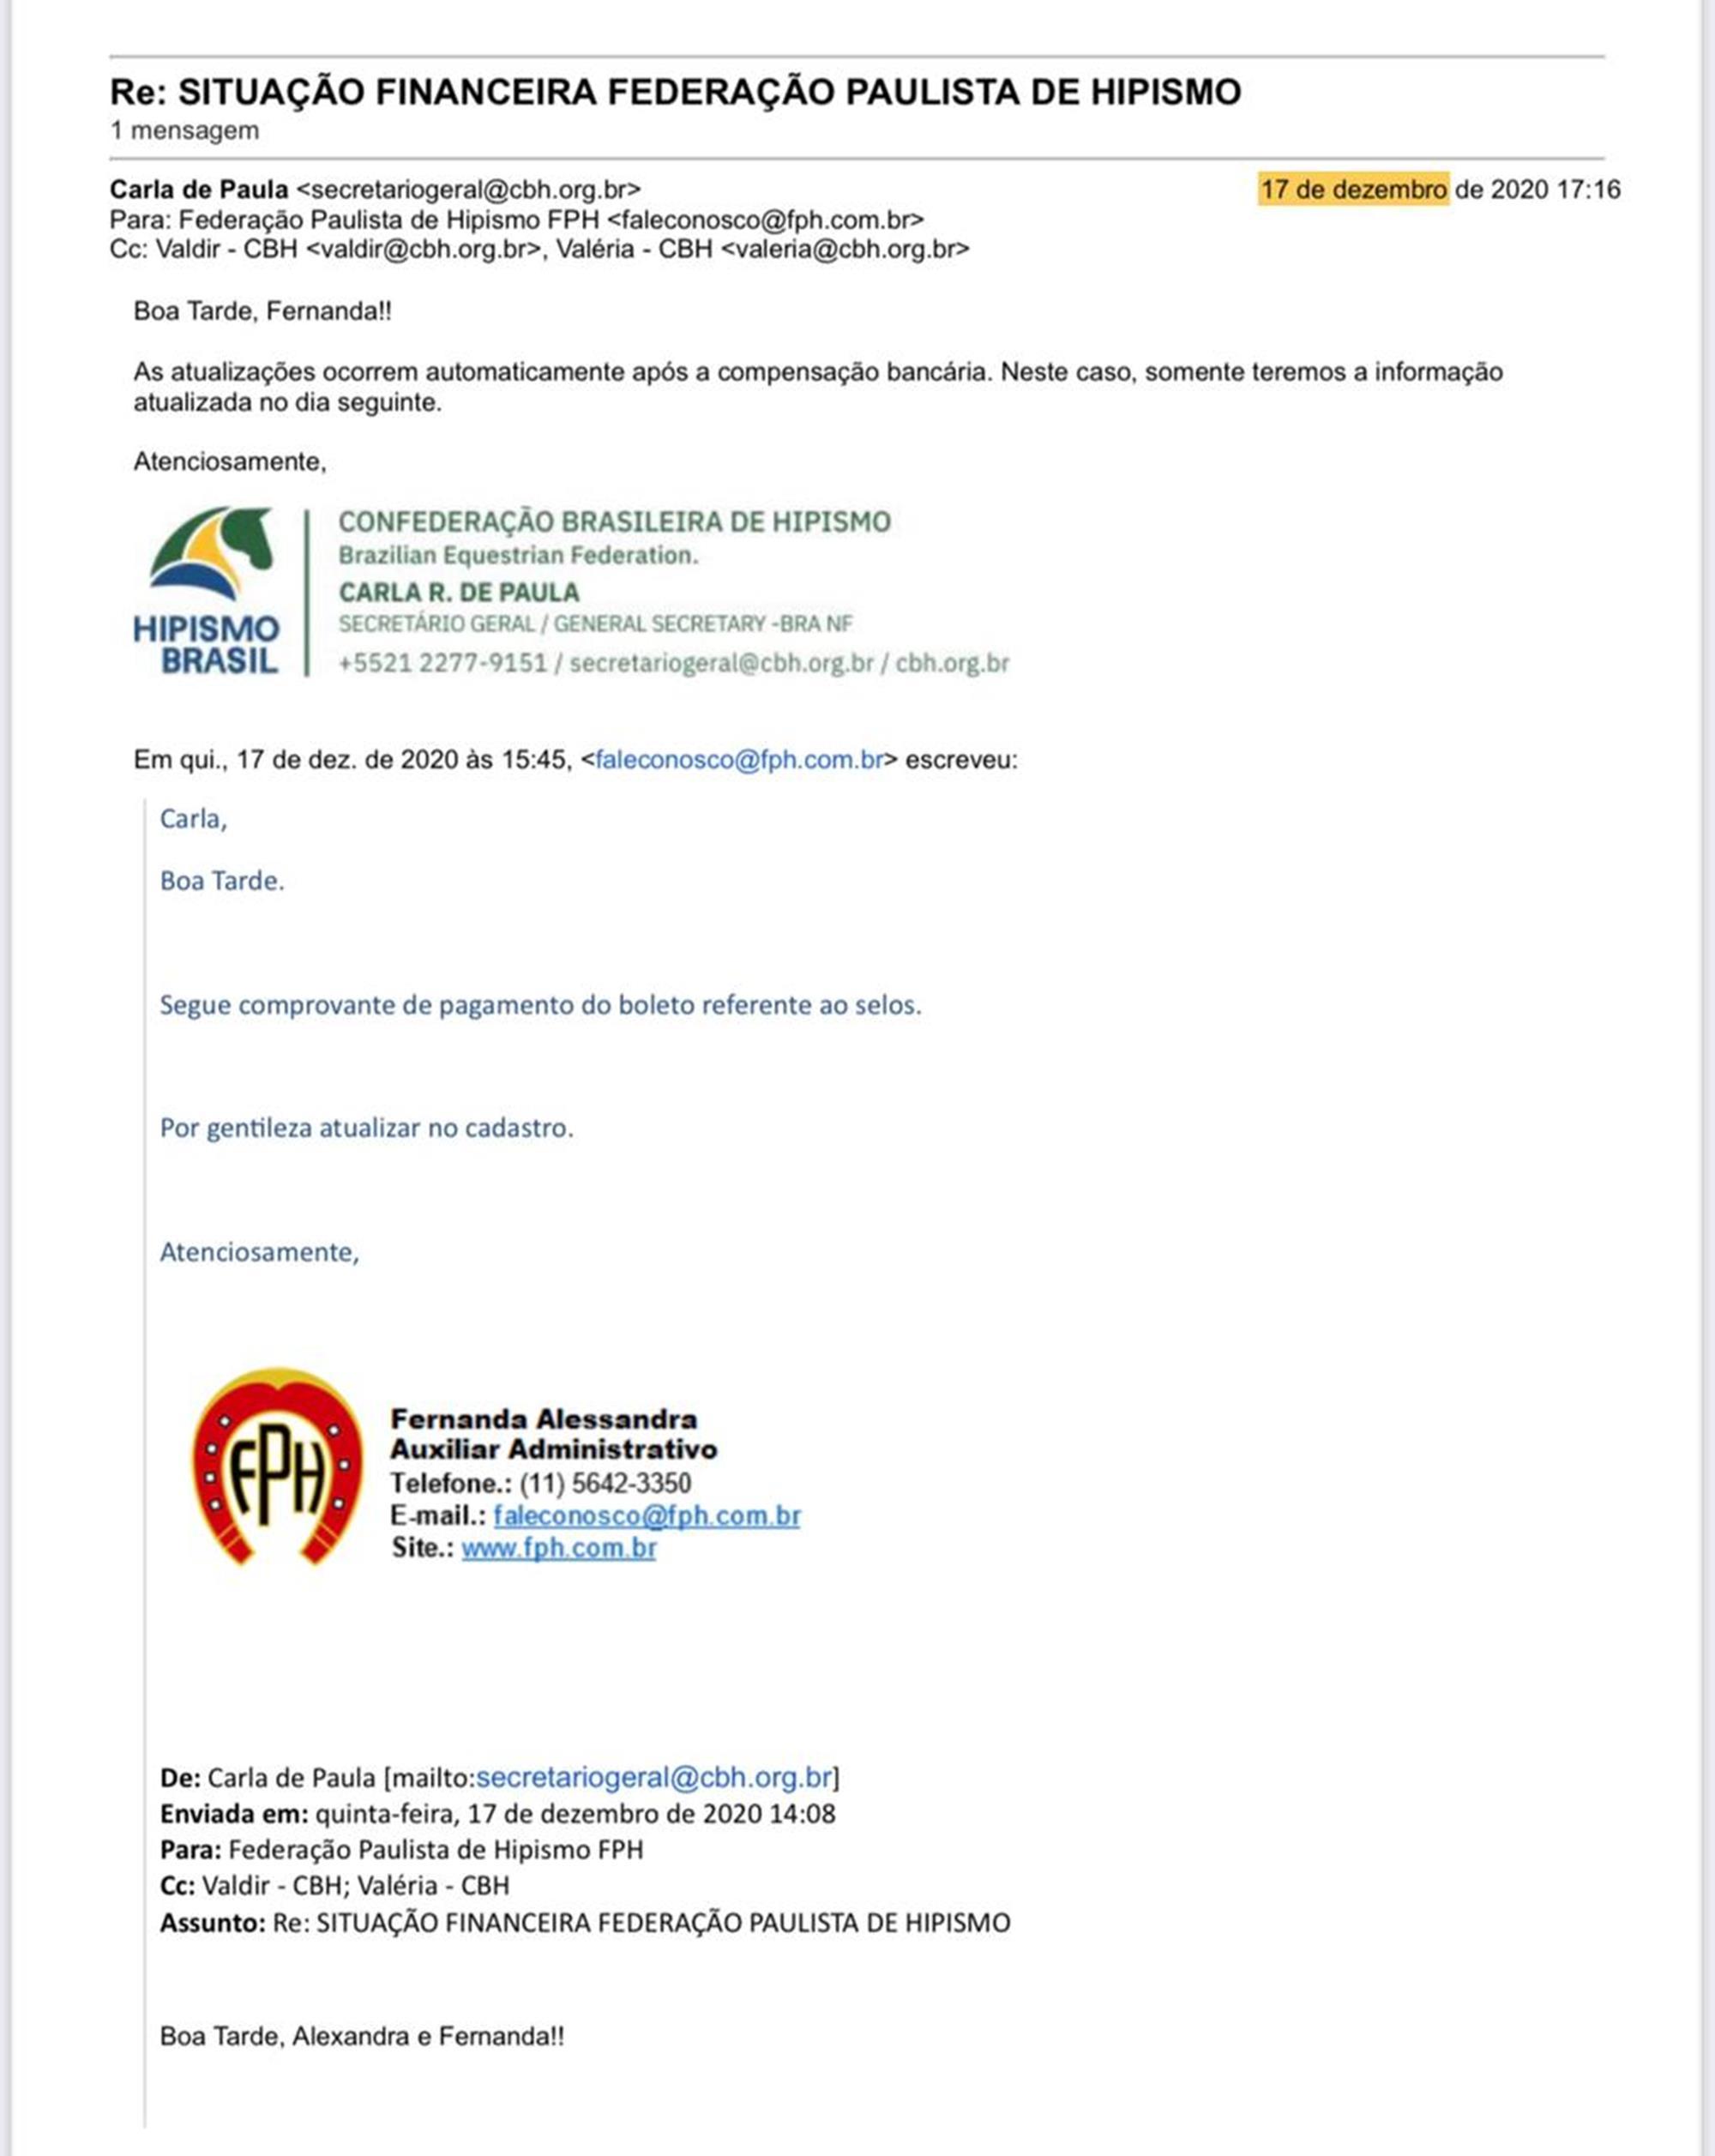 troca de e-mails, eleição cbh, , Reprodução